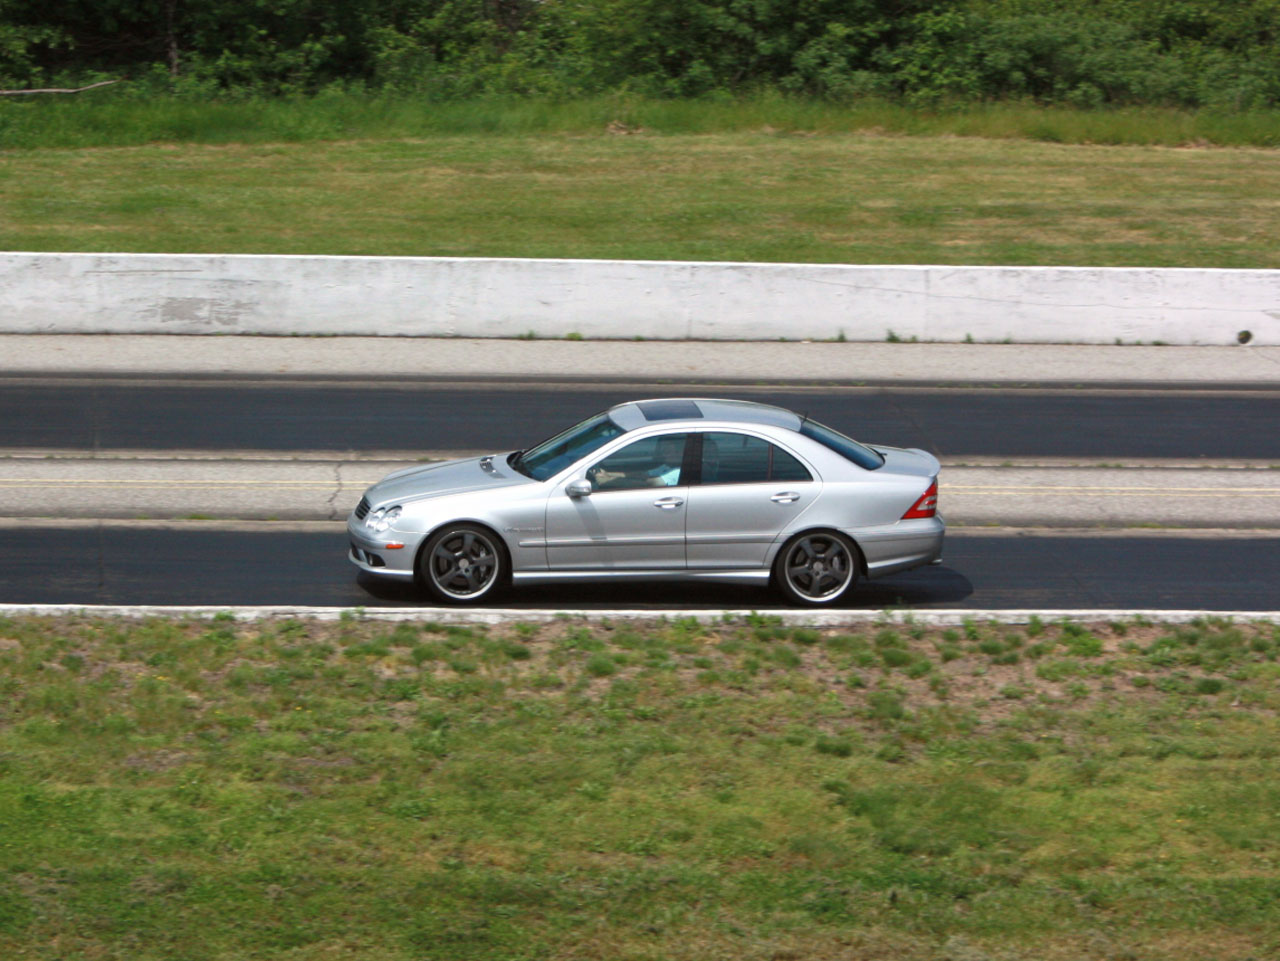 2005 mercedes benz c55 amg kleemann s7 1 4 mile trap for Mercedes benz c55 amg